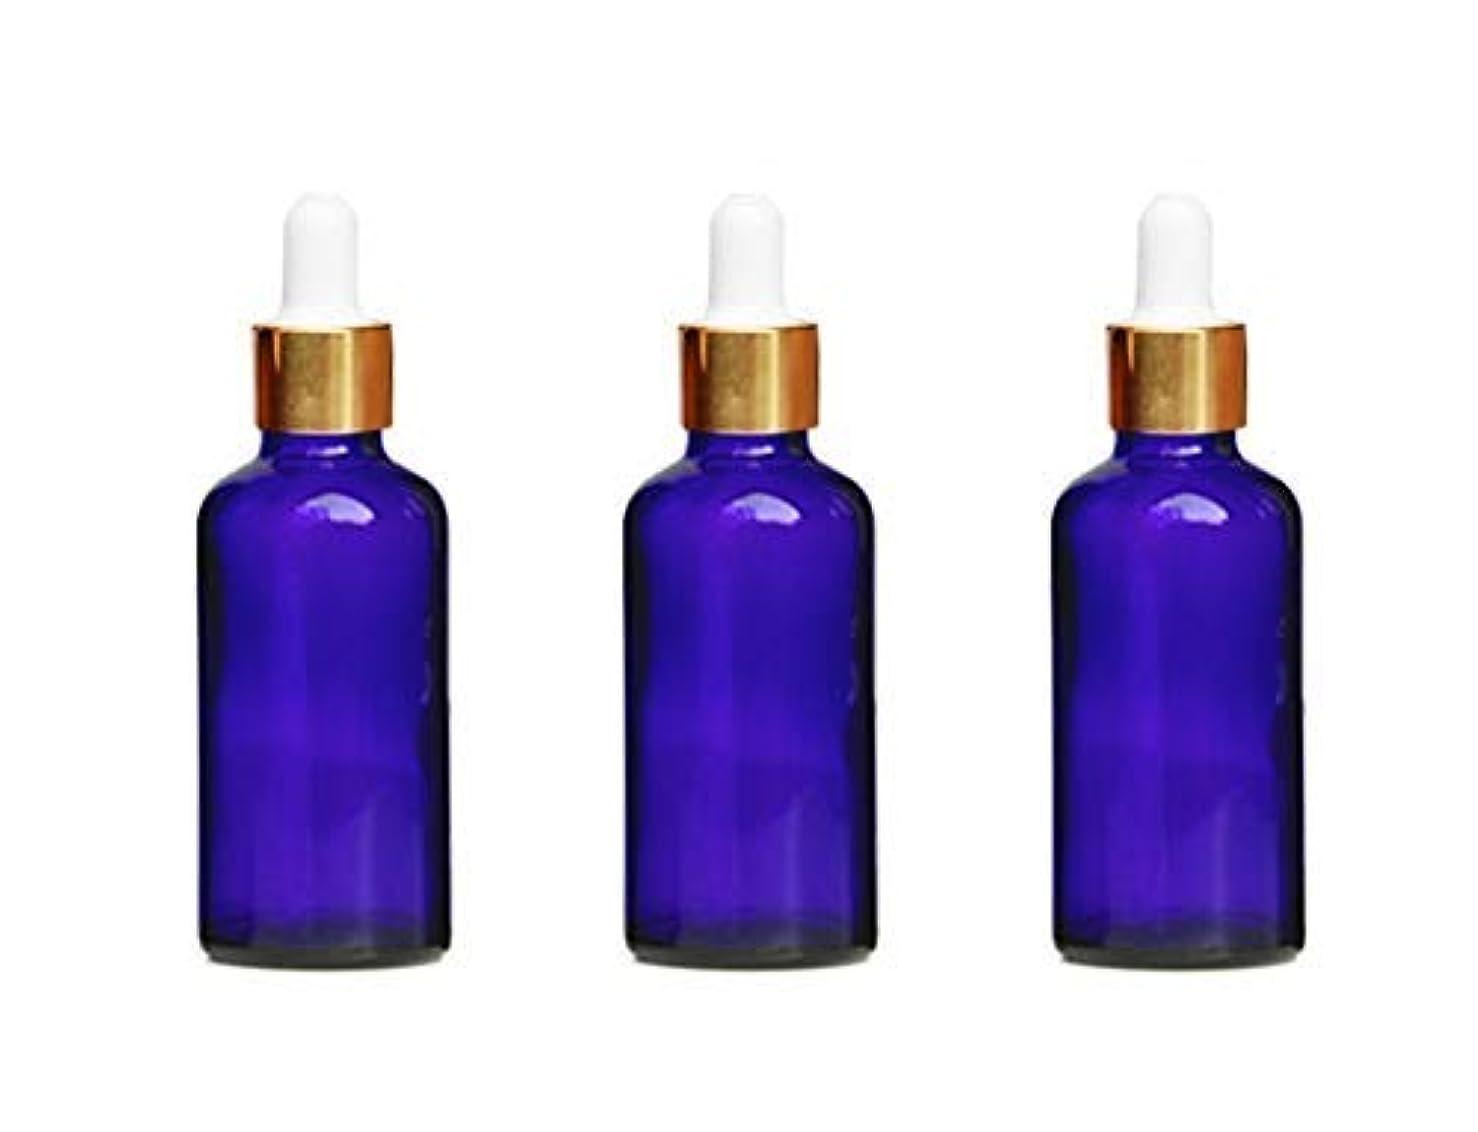 休み増幅する笑い3Pcs Blue Glass Essential Oil Dropper Bottles Empty Refillable Makeup Cosmetic Sample Container Jars With Glass...